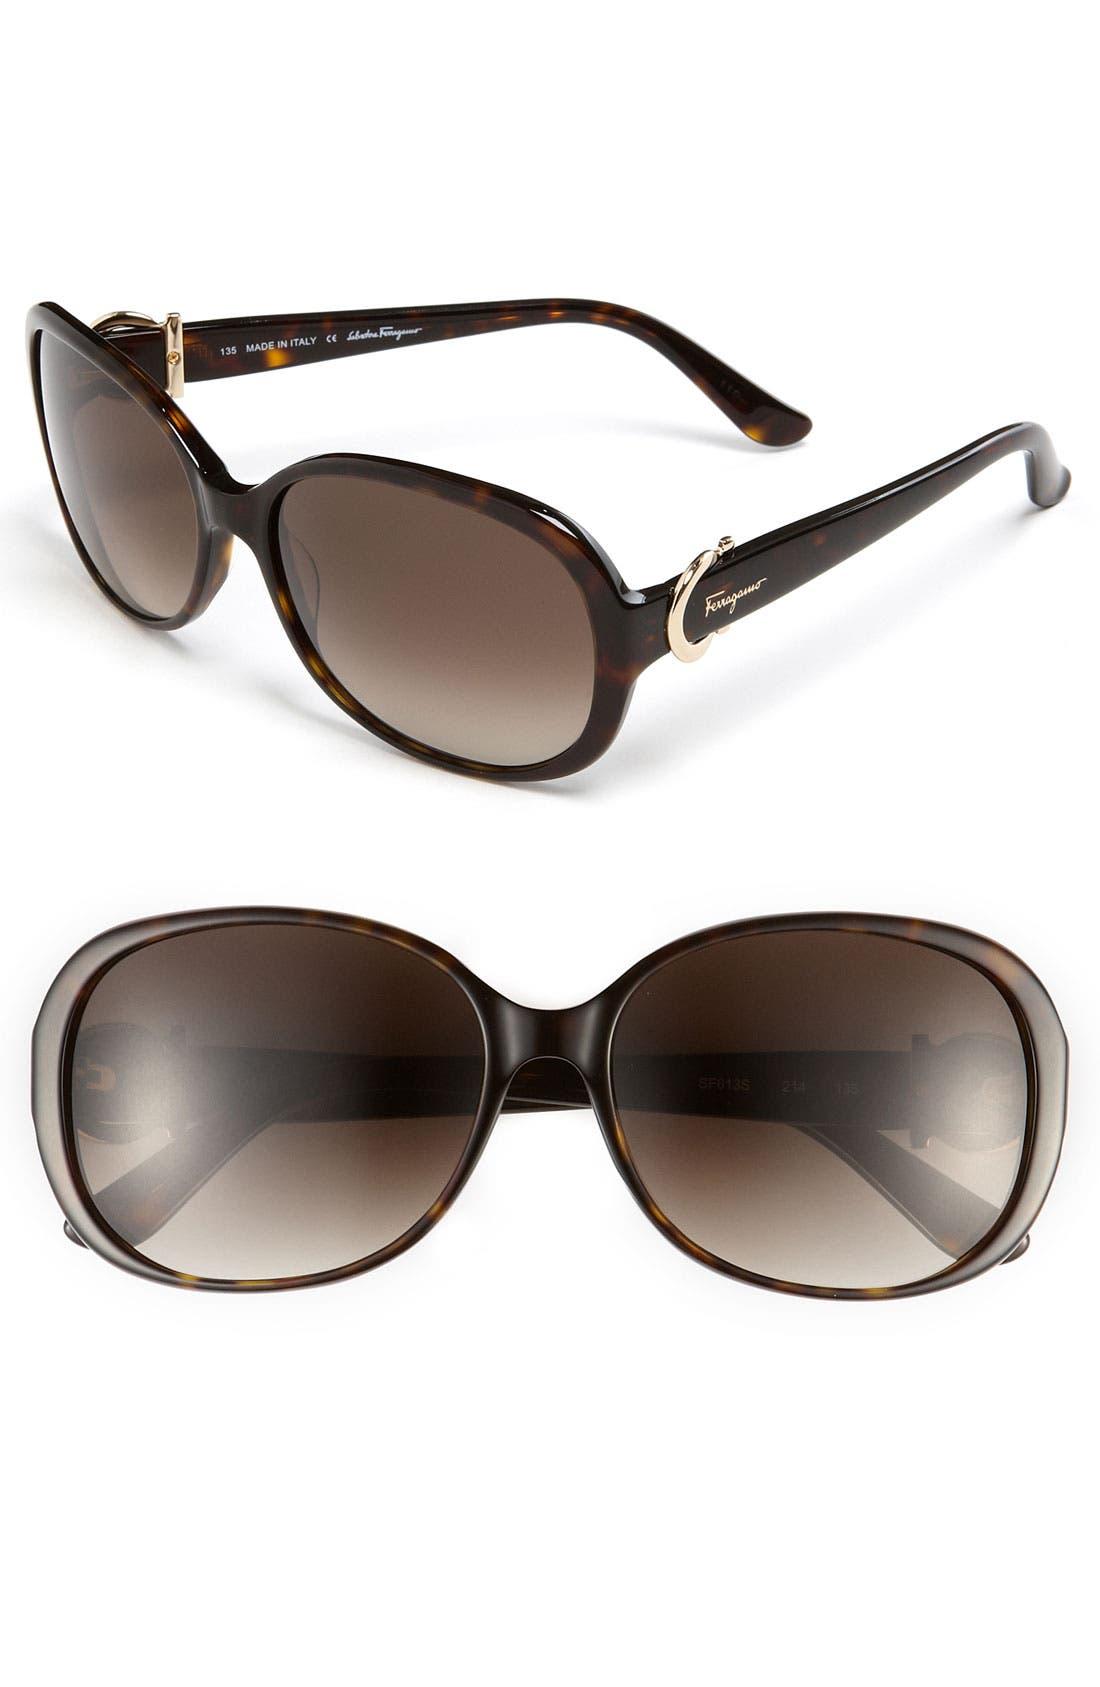 Alternate Image 1 Selected - Salvatore Ferragamo Classic Sunglasses